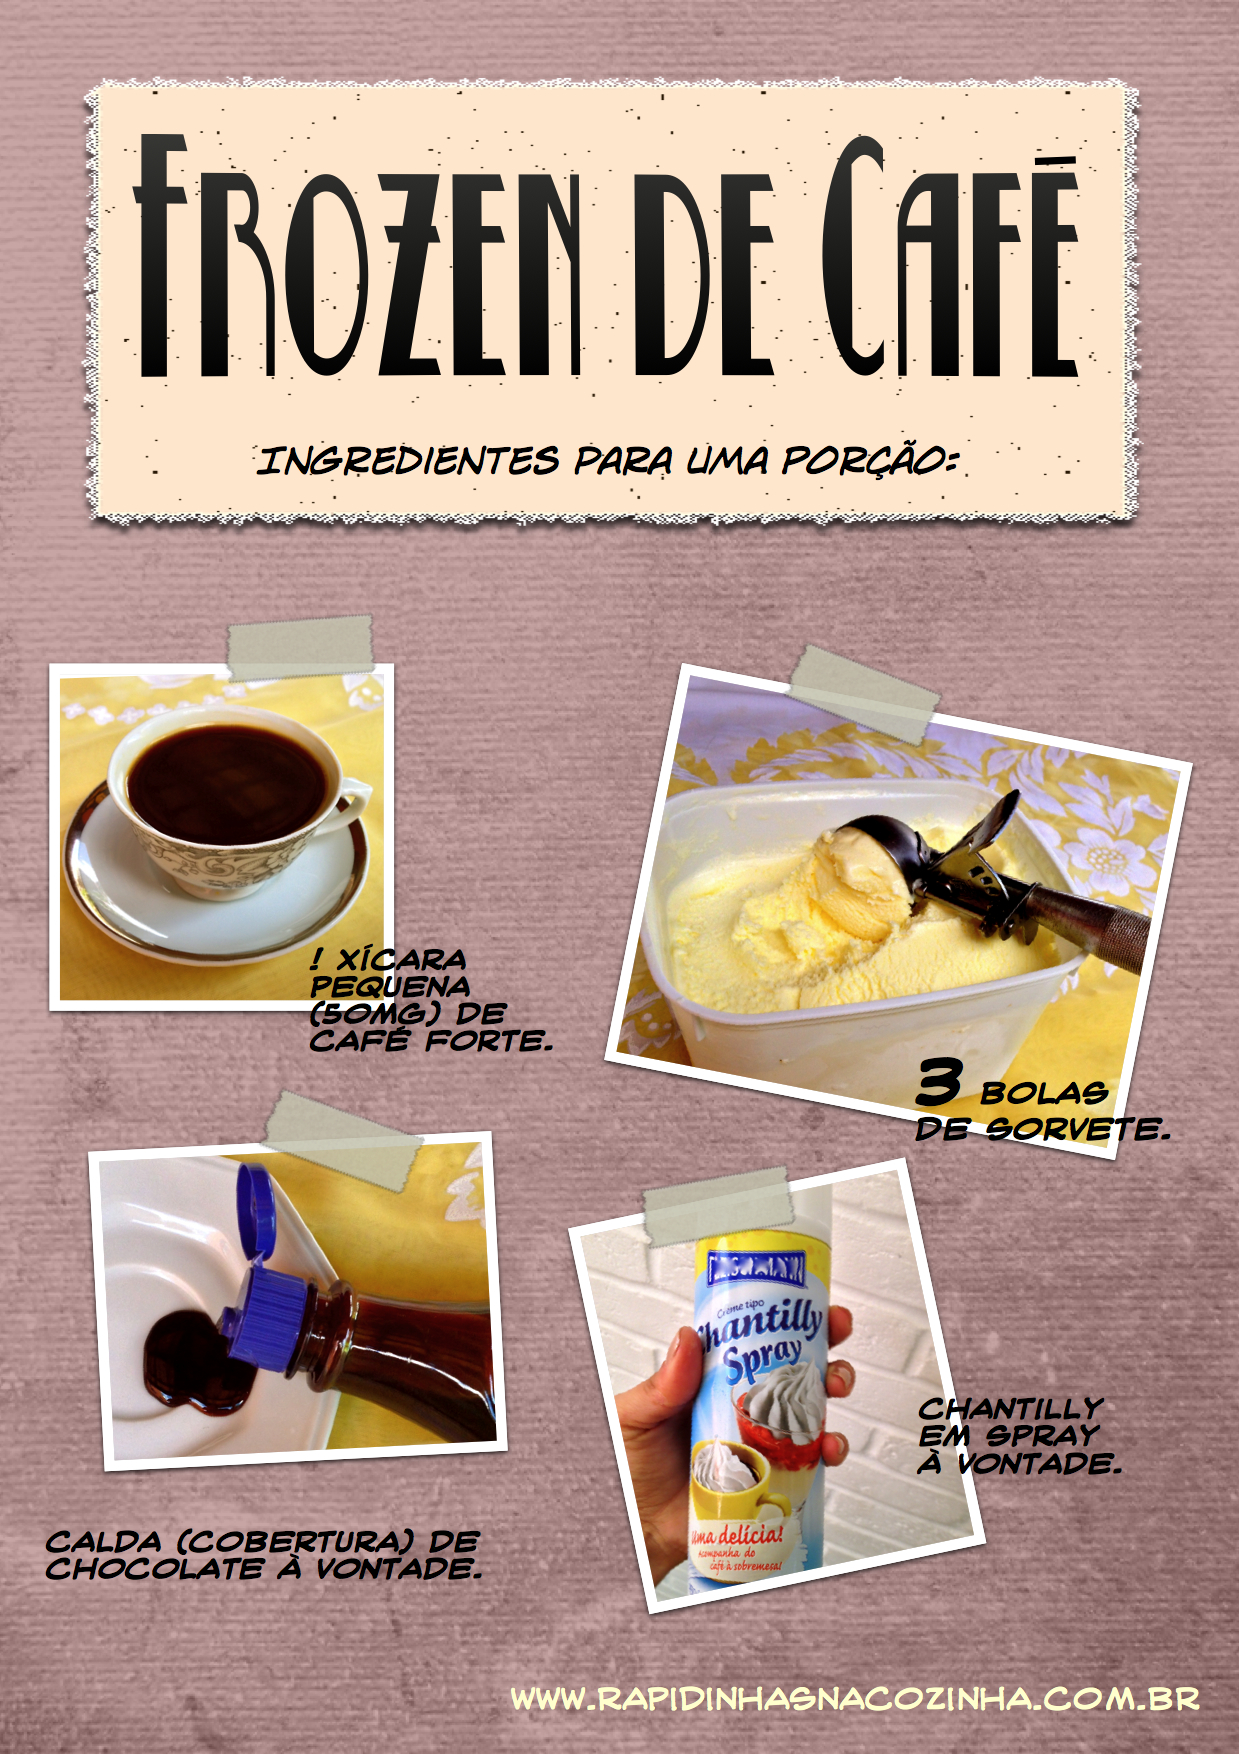 Frozen de Café - ingredientes